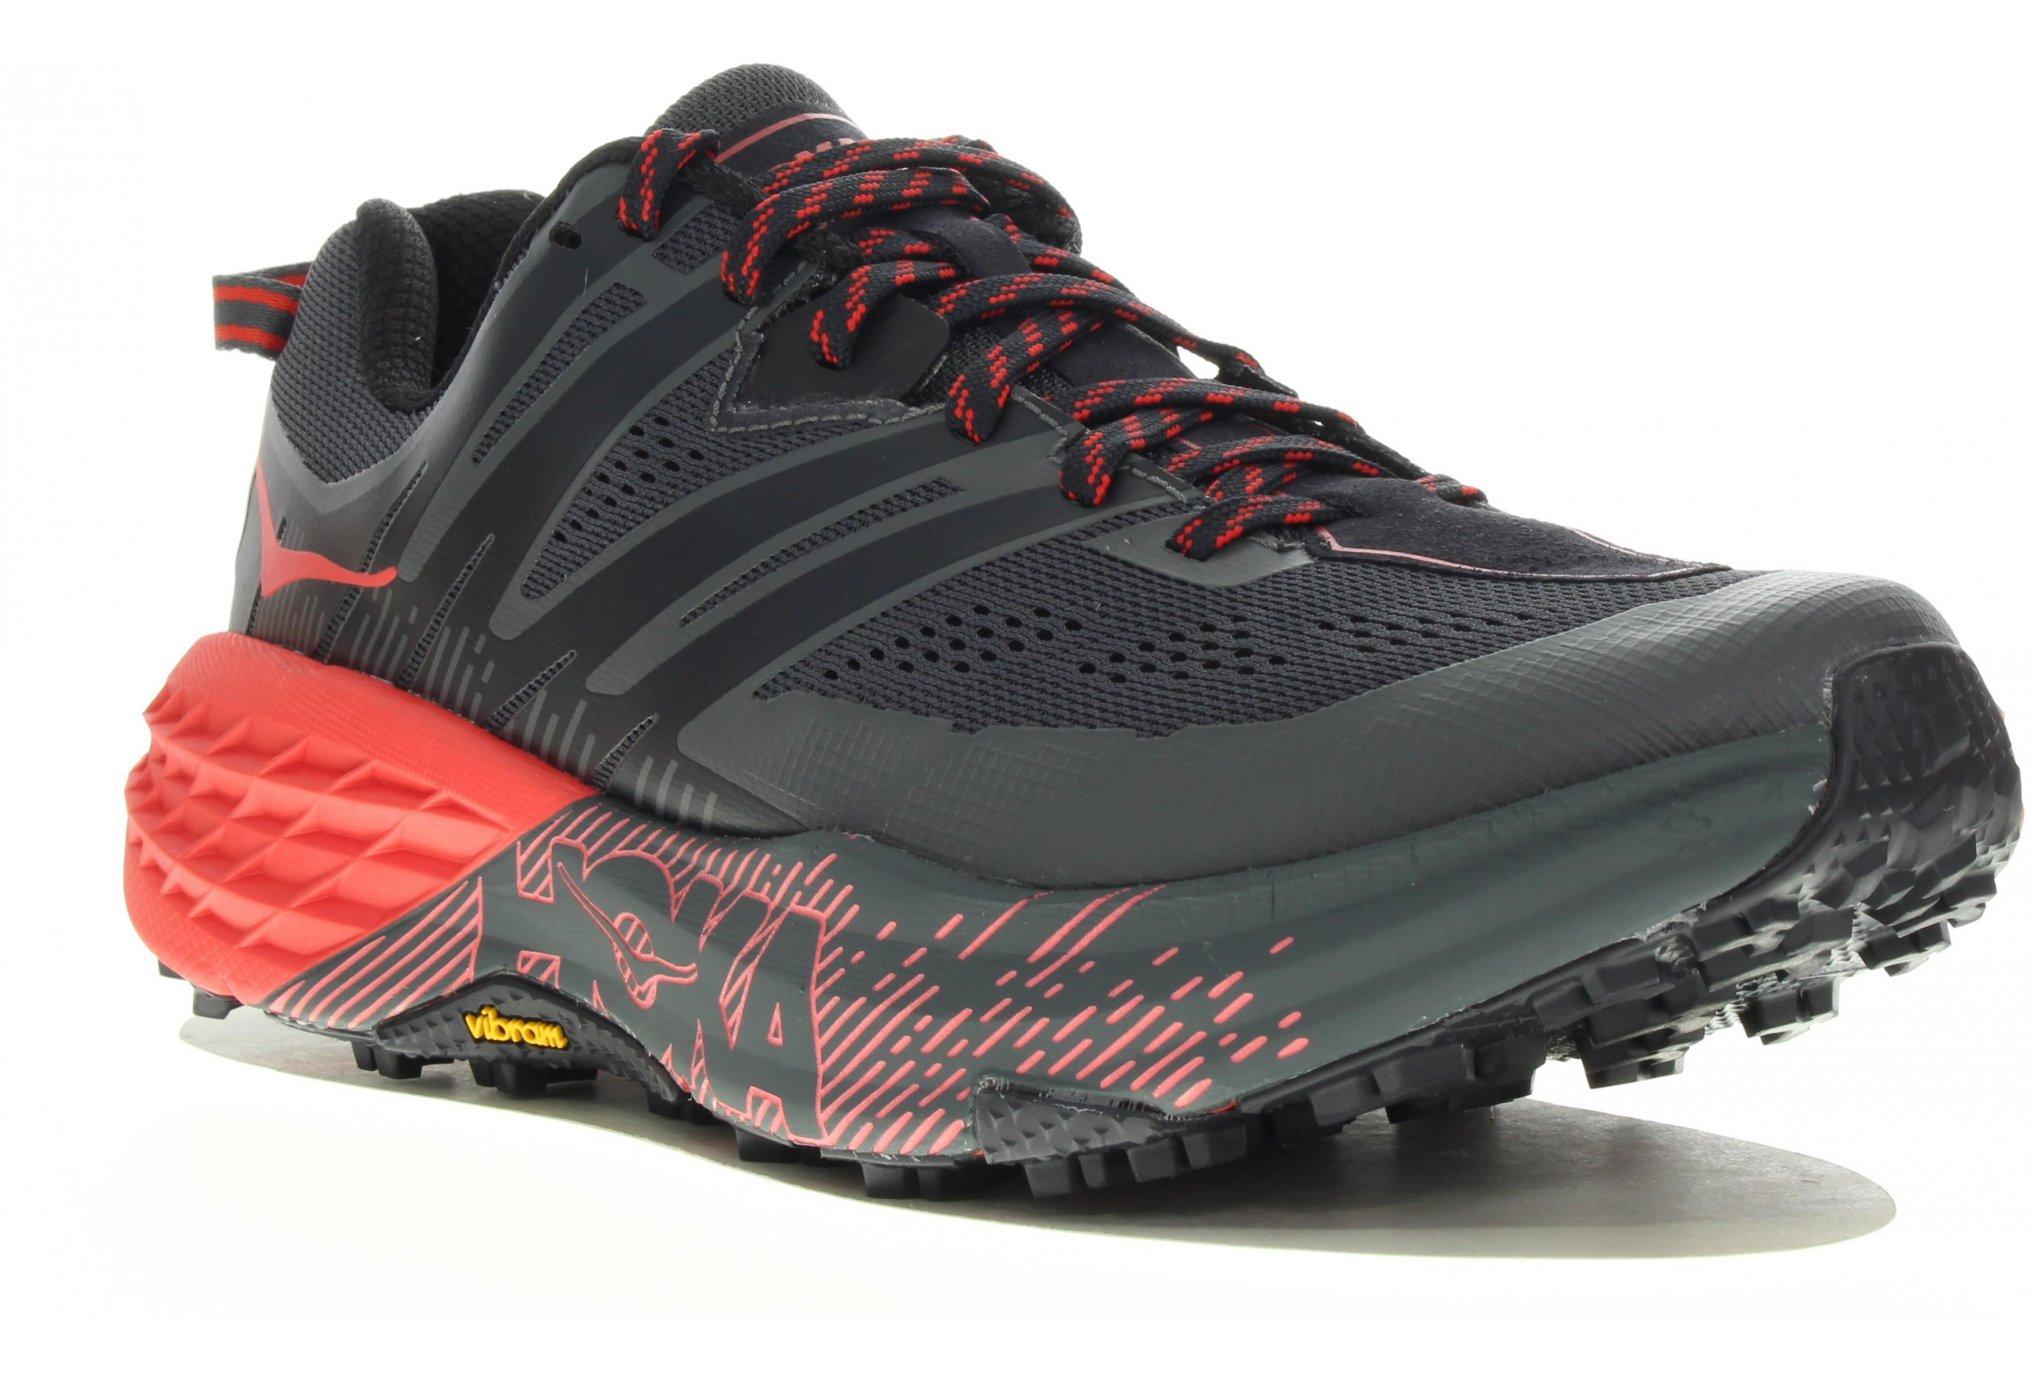 Hoka One One SpeedGoat 3 Chaussures running femme